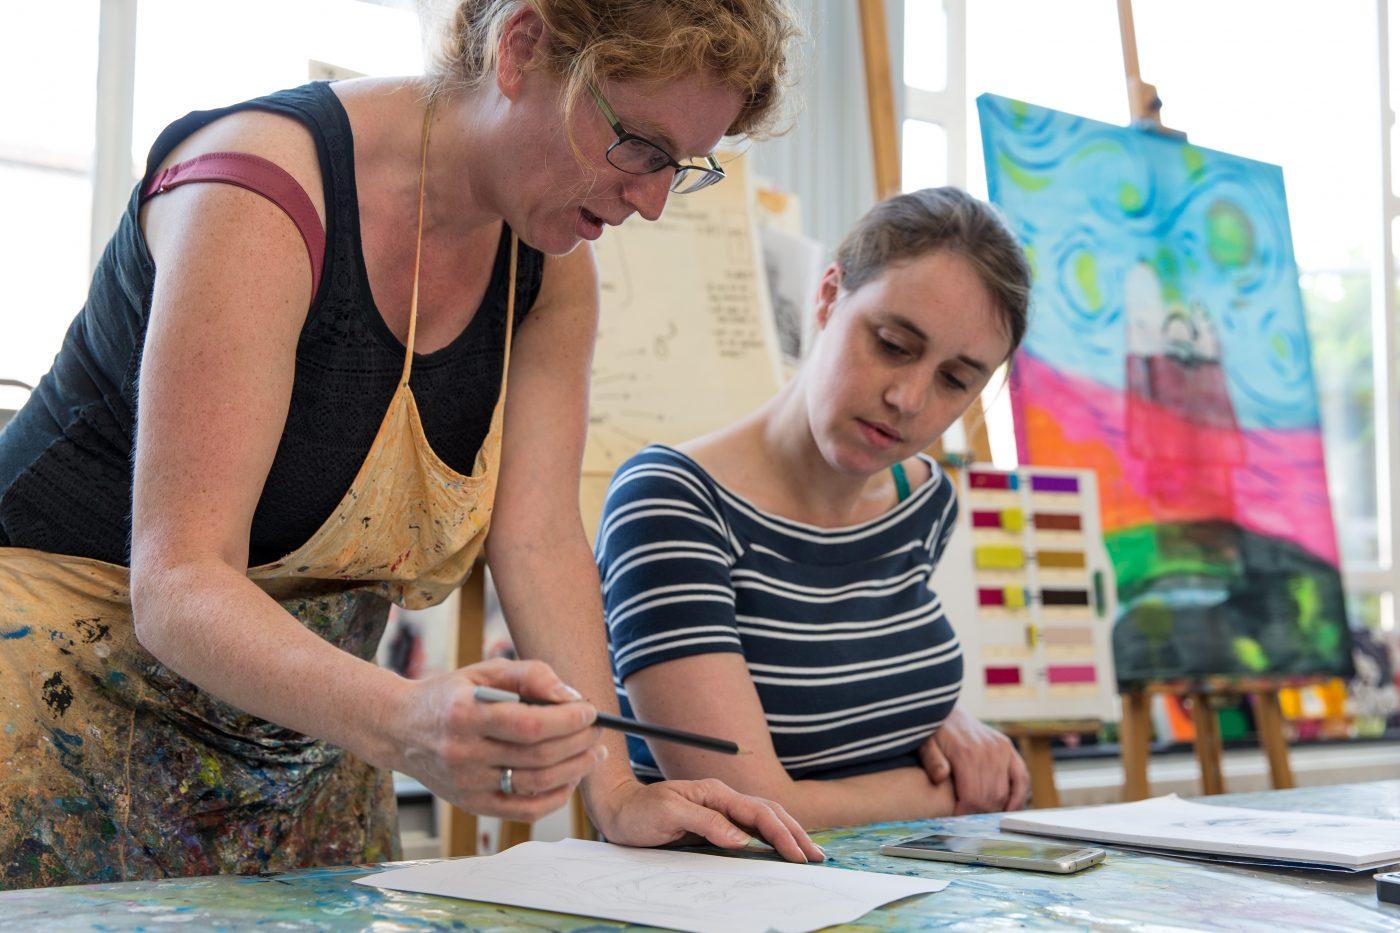 Impressie tekenles en schilderles door Jofke bij Studio Xplo in Tilburg